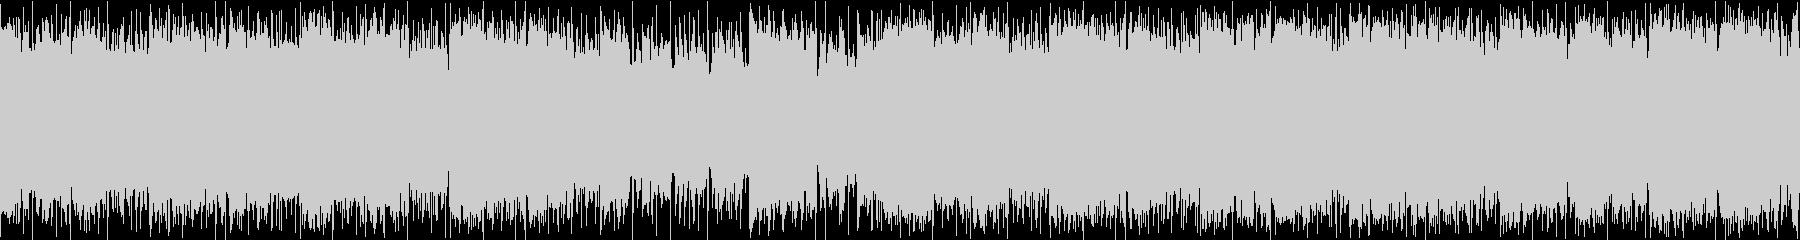 クールなDrum'NBassループの未再生の波形